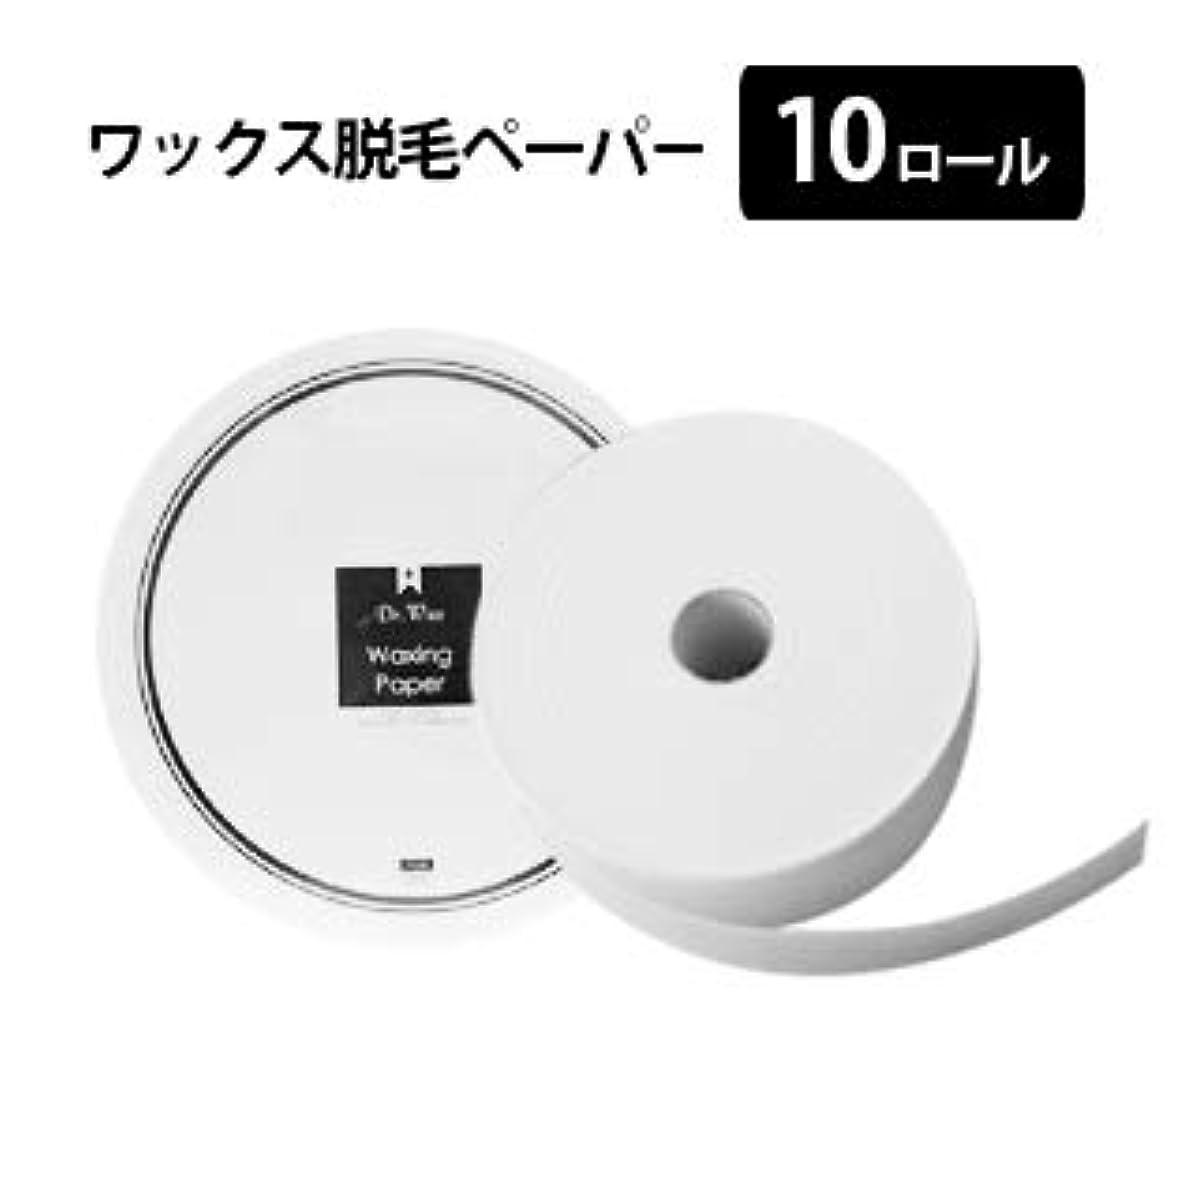 政治的業界データベース【10ロール】ワックスロールペーパー 7cm スパンレース素材